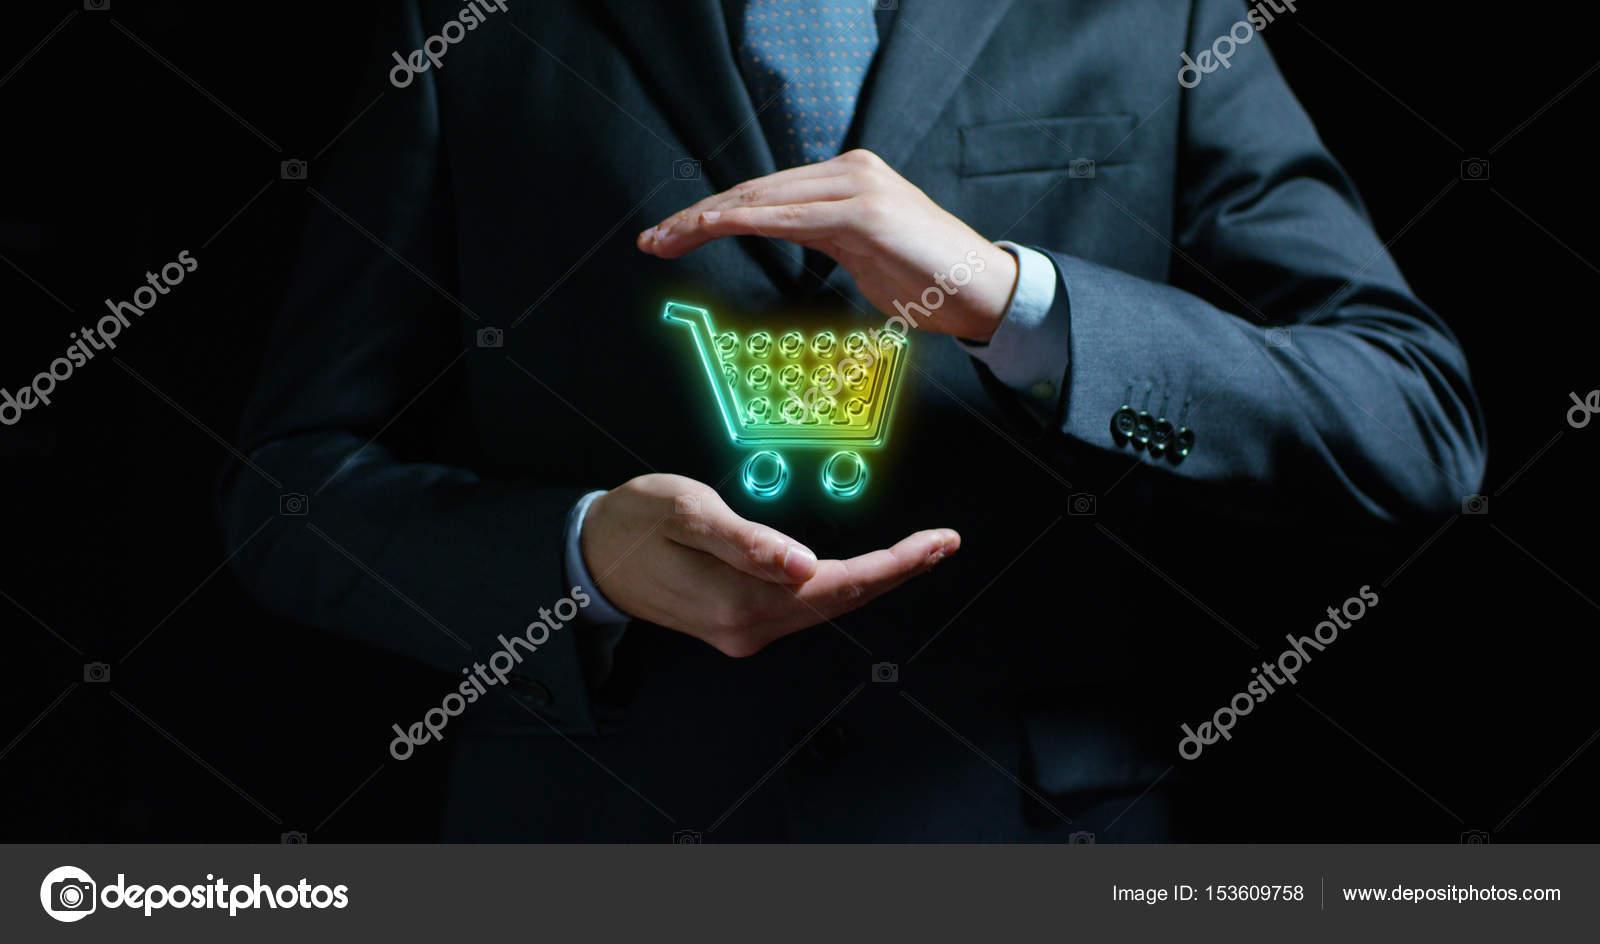 b12484b099fcdb Das Konzept: für die schnelle Lieferung bis zum Haus, online shopping,  schnell und bequem, Online-Shop — Foto von hquality